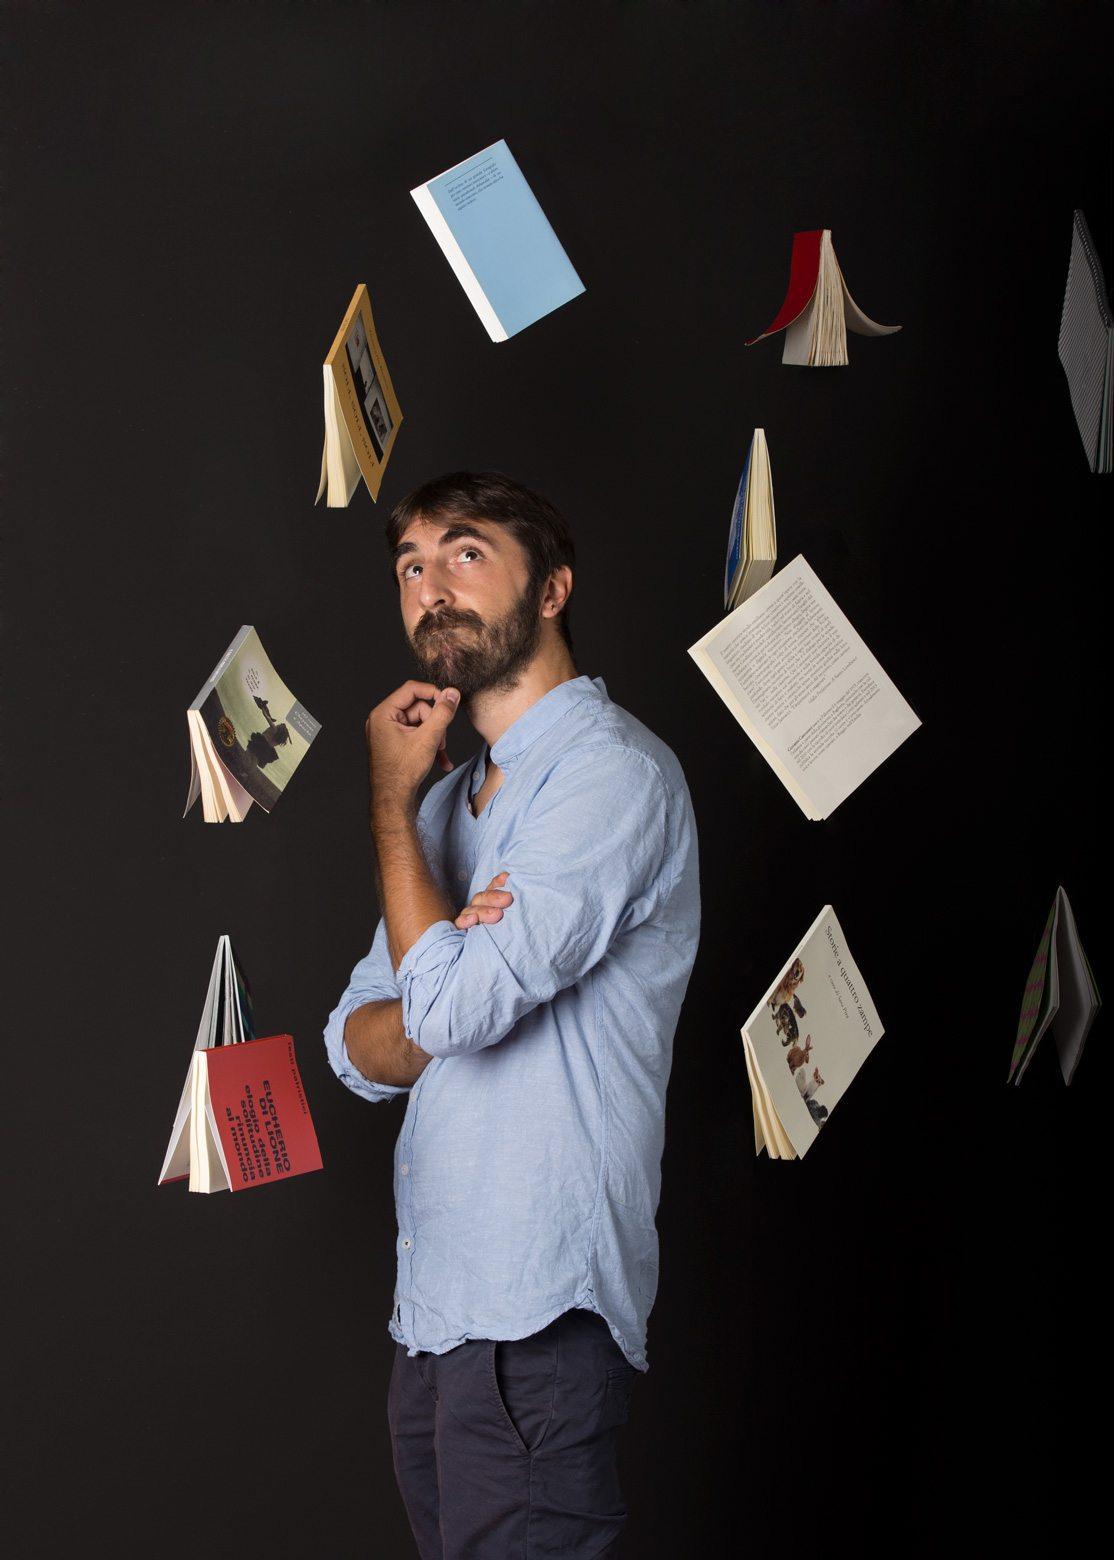 Fotografia di uno scrittore padovano Alessandro Busi